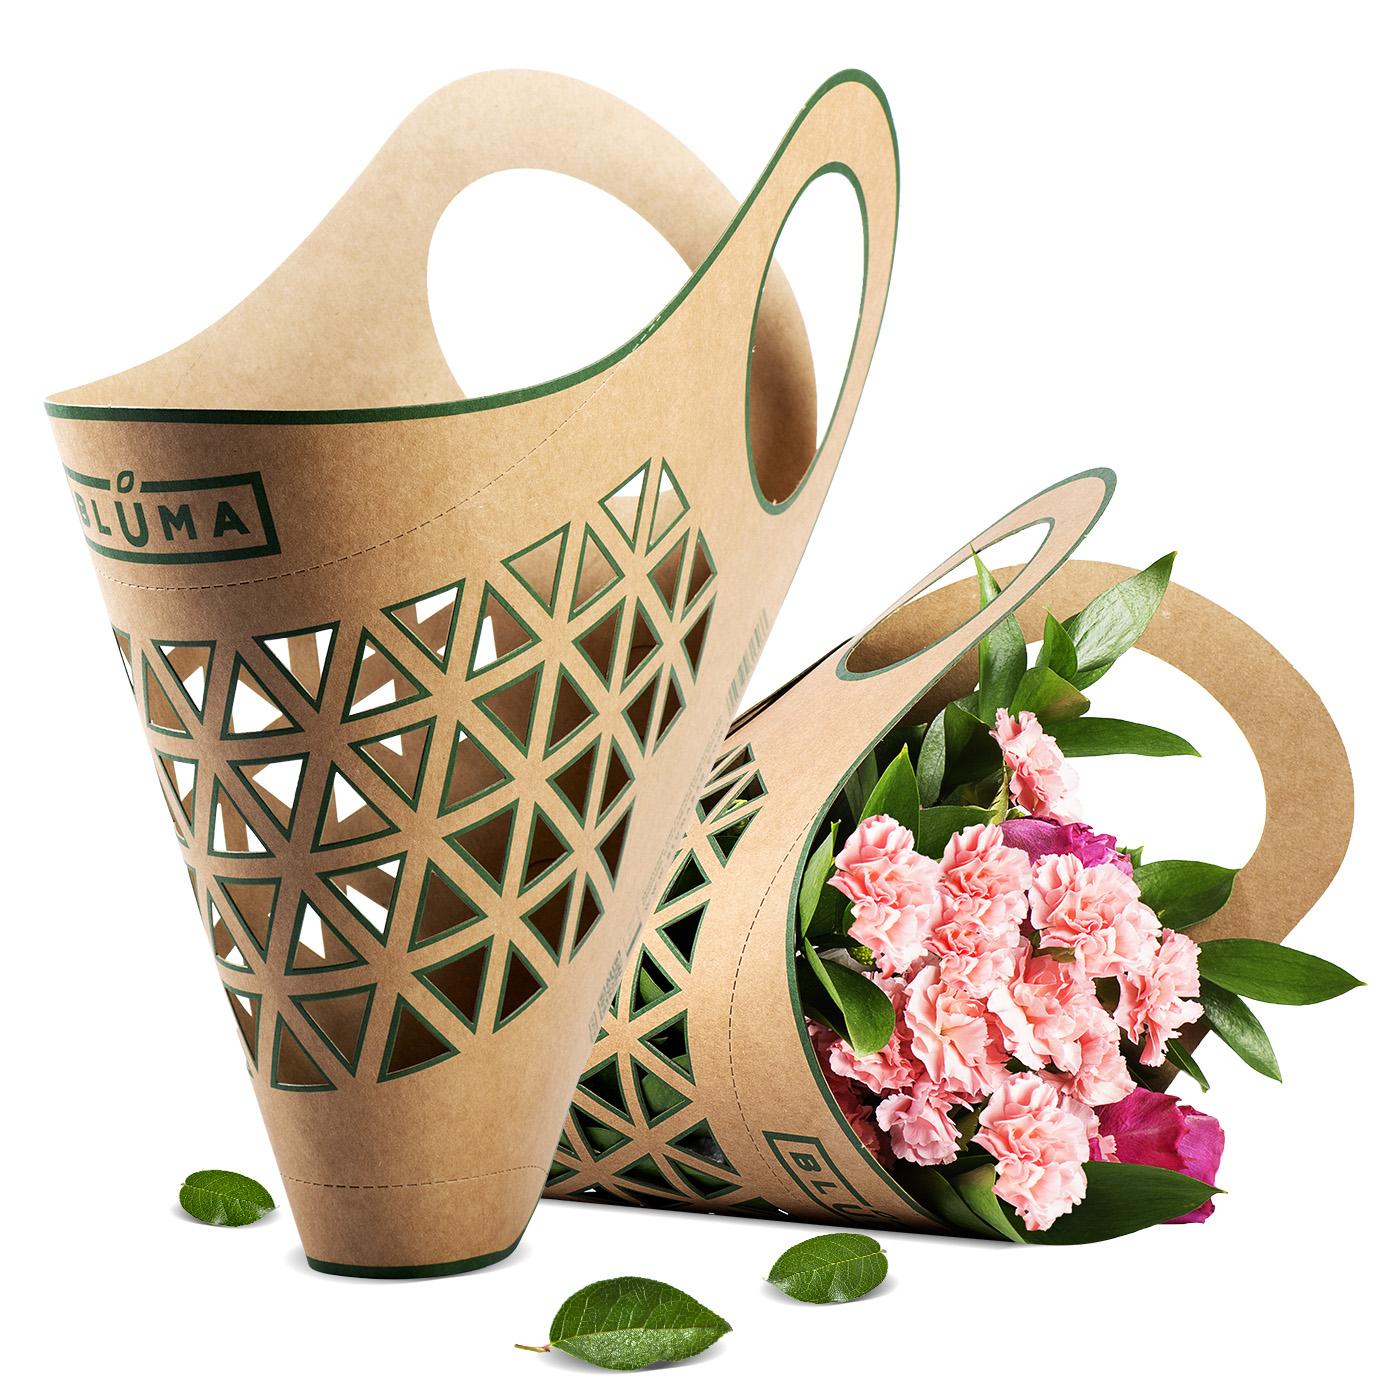 花のある暮らしに、新しいスタイルを。花専用キャリーバッグ ブルーマ フラワーバッグの予約受付を開始。